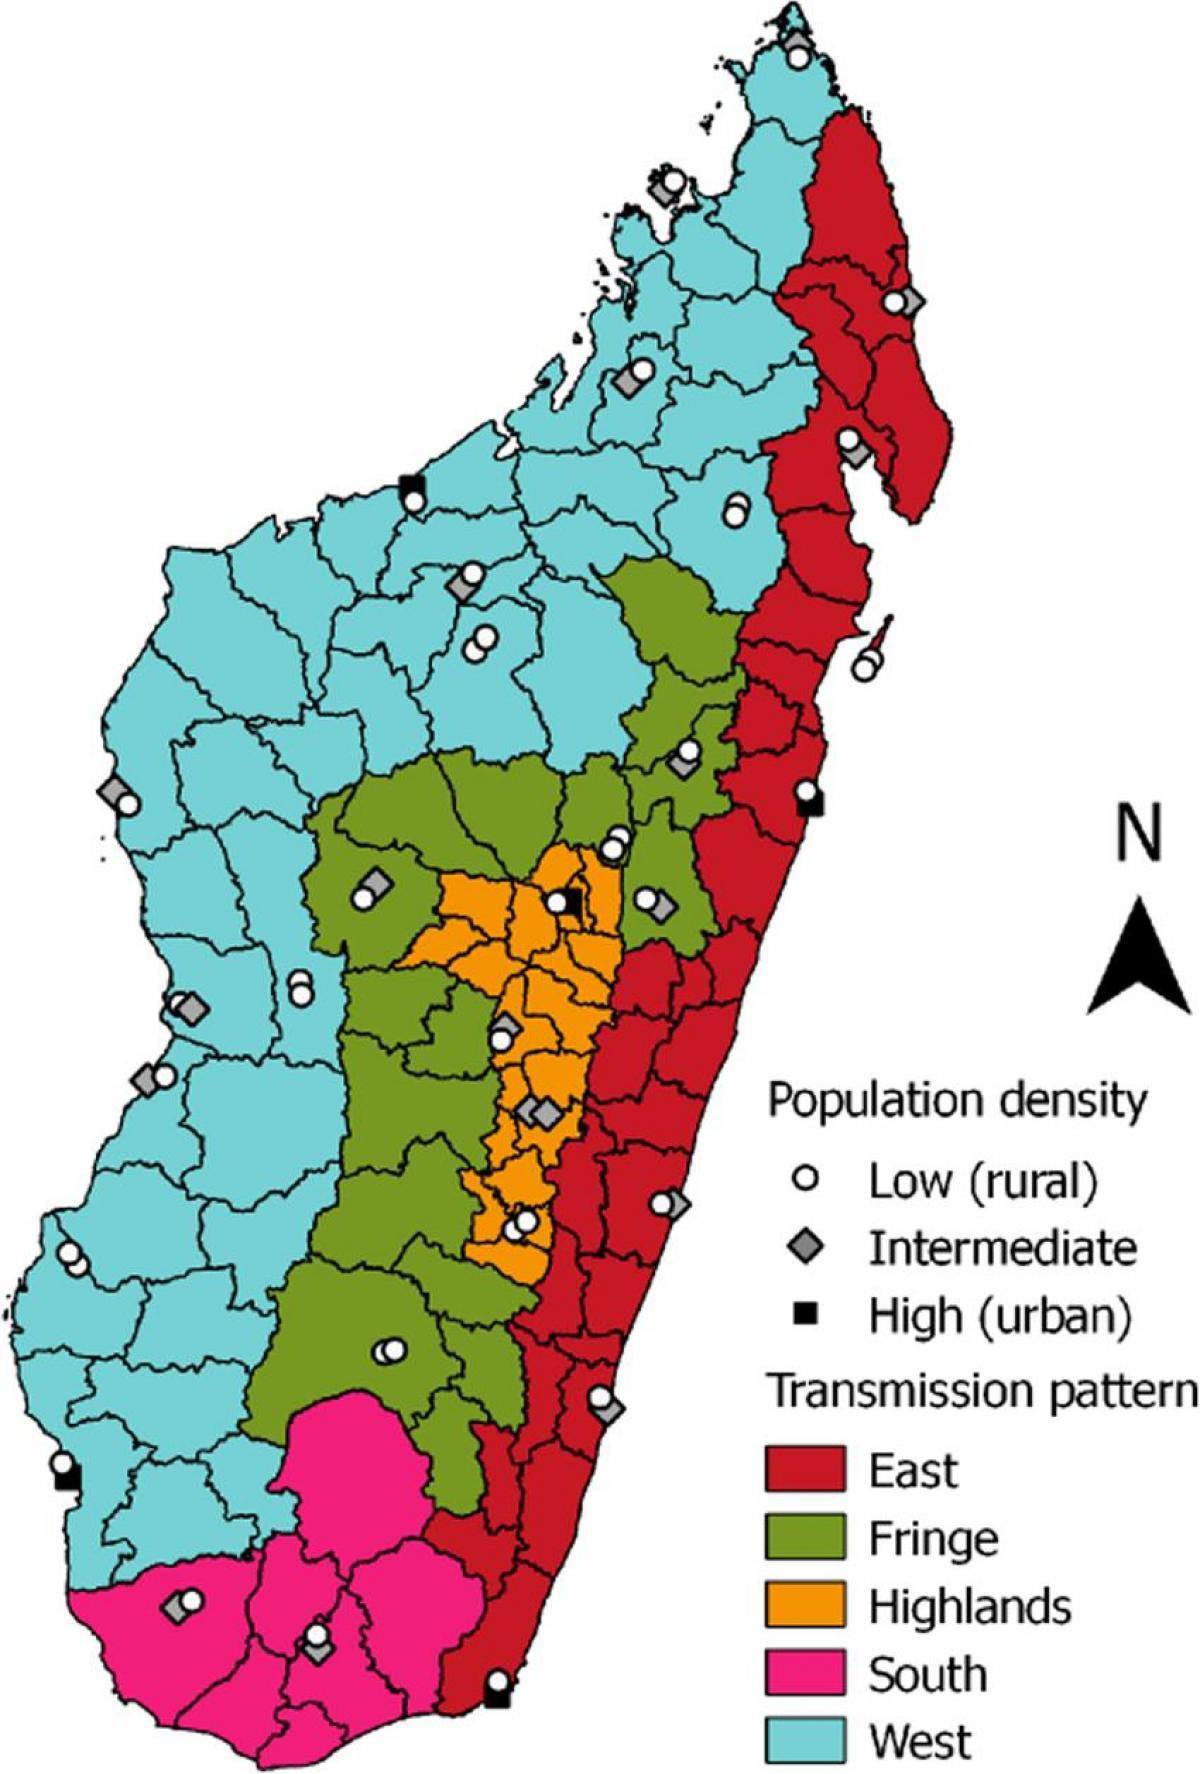 Madagaskar Malaria Kartta Malaria Madagaskarin Kartta Ita